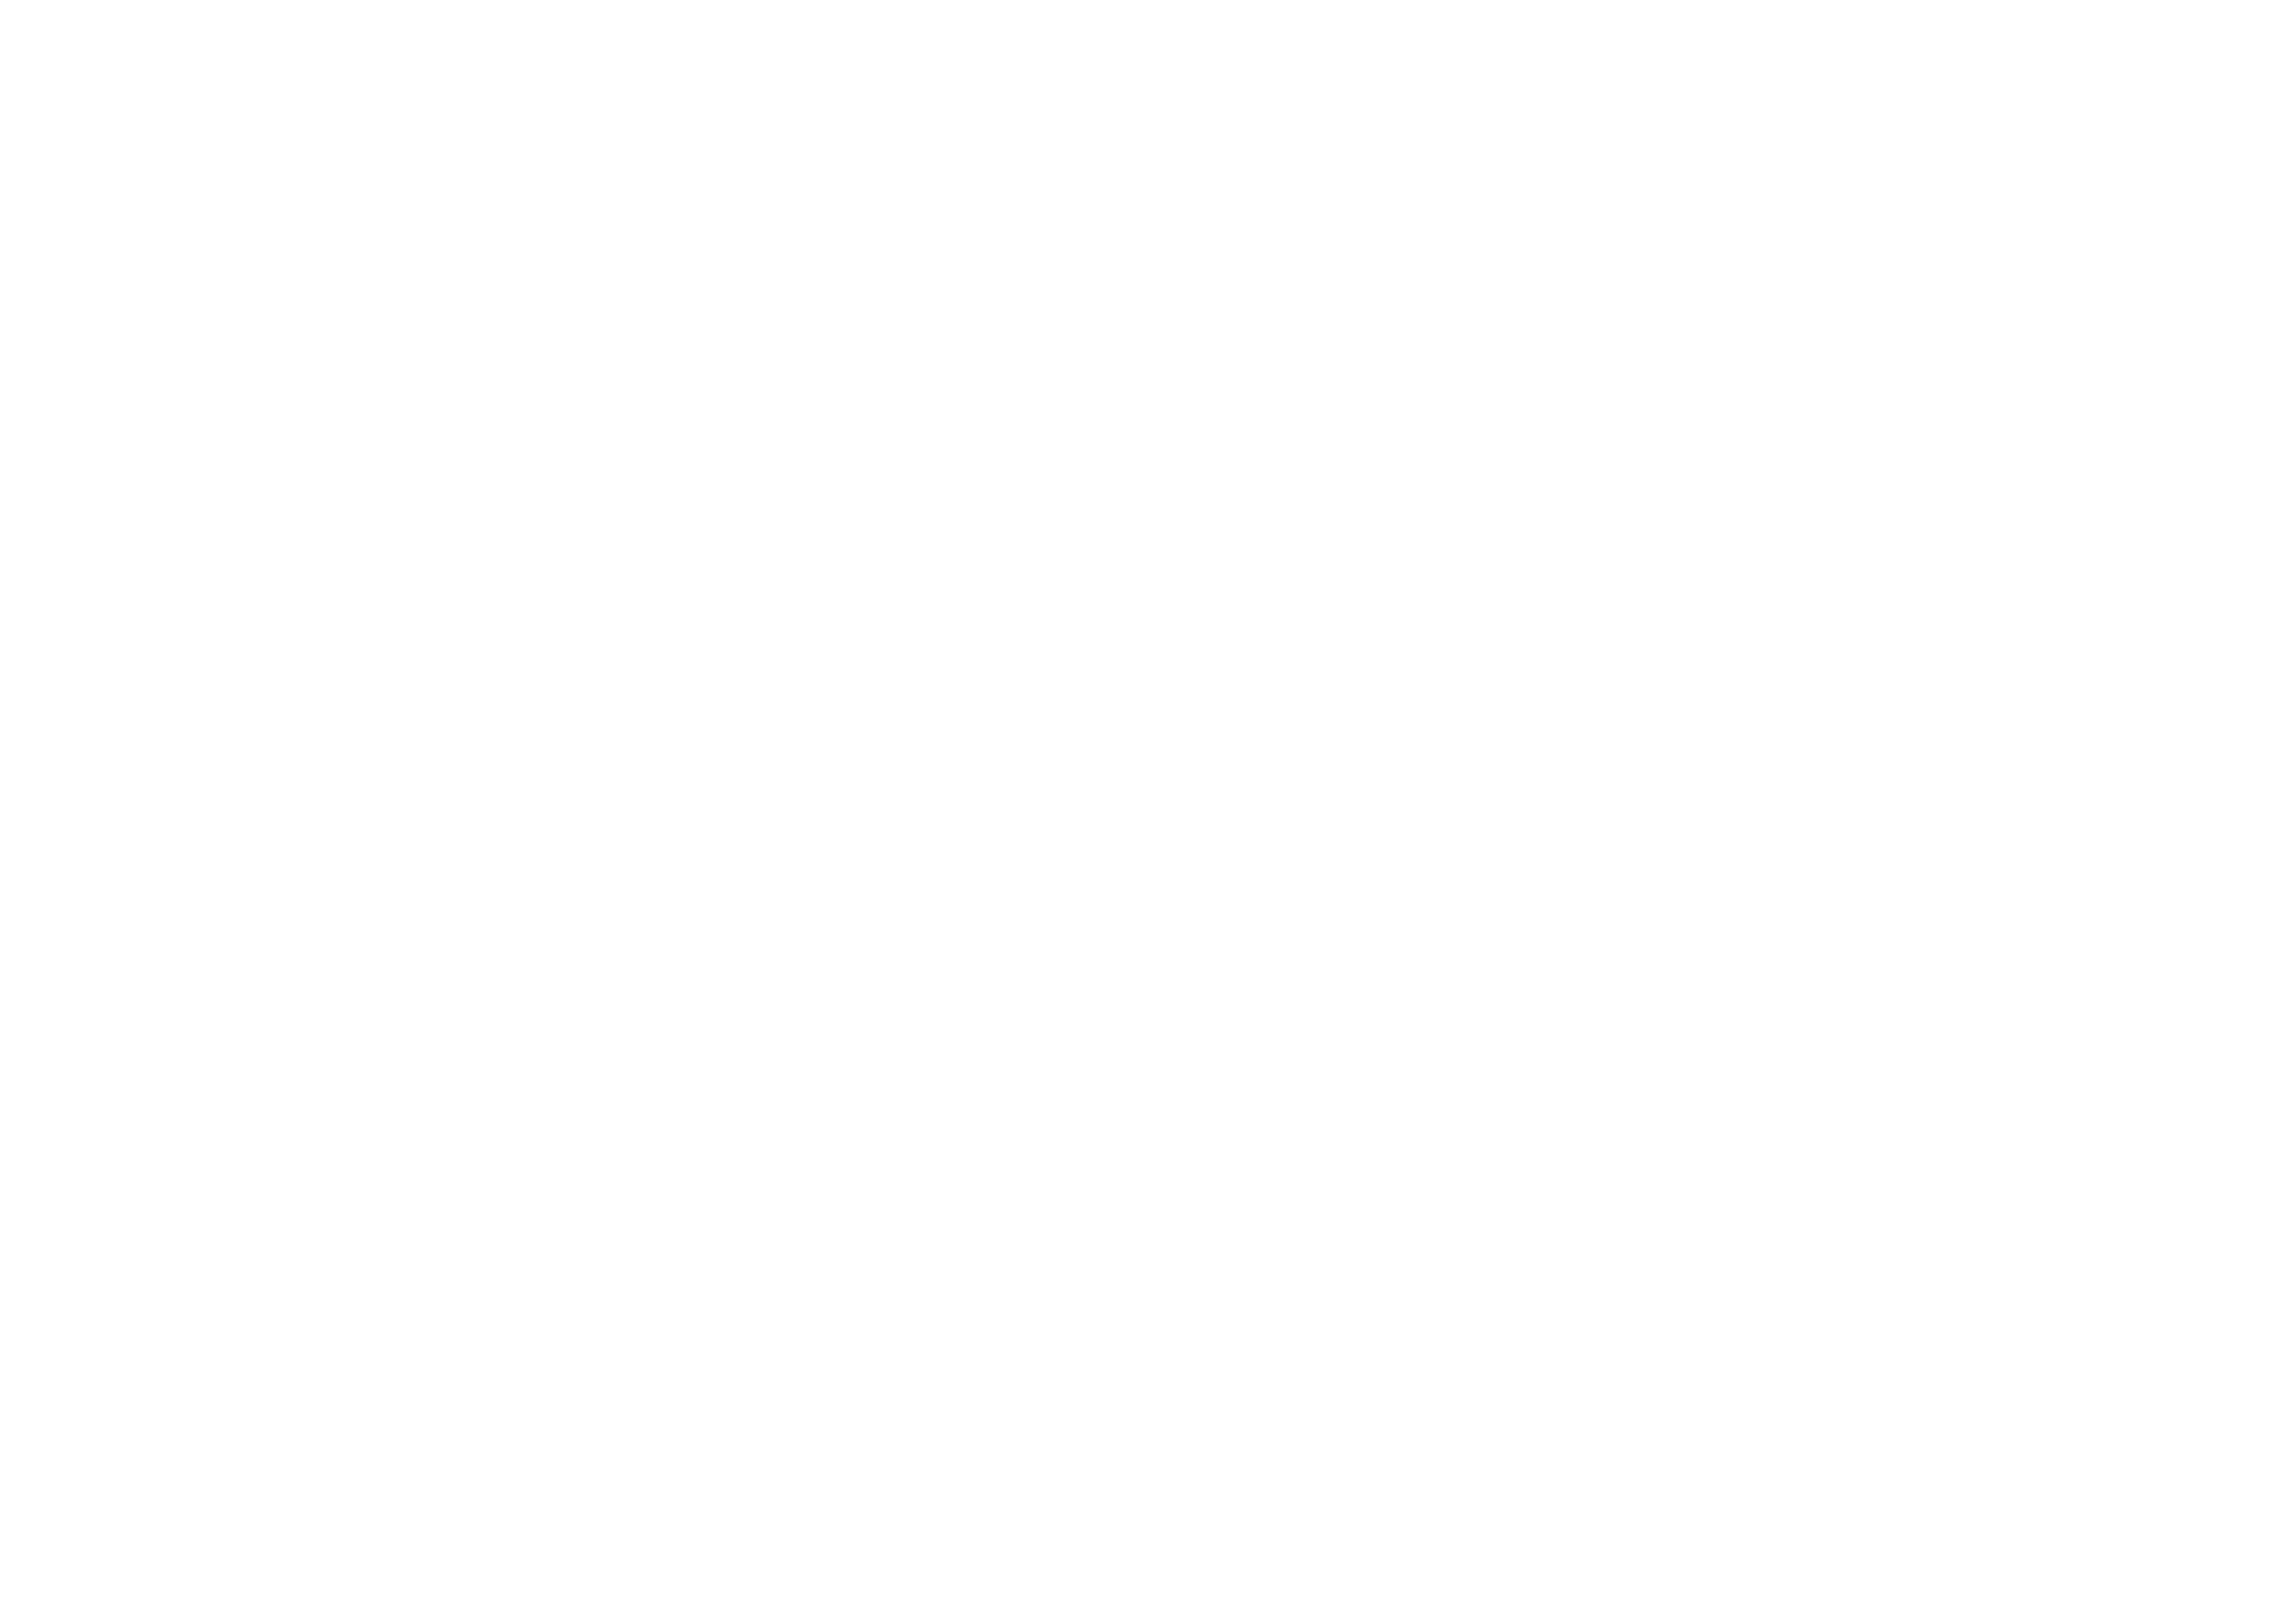 paço de arcos, oeiras   data de projecto/  project date : 2017-2018  data de obra/  construction date : 2018-  área/  area : 423 m2  cliente/  client : Construções Freitas & Oliveira, Lda.  colaboradores/  project team :  bruno martins dos reis  mafalda marques  catarina almeida